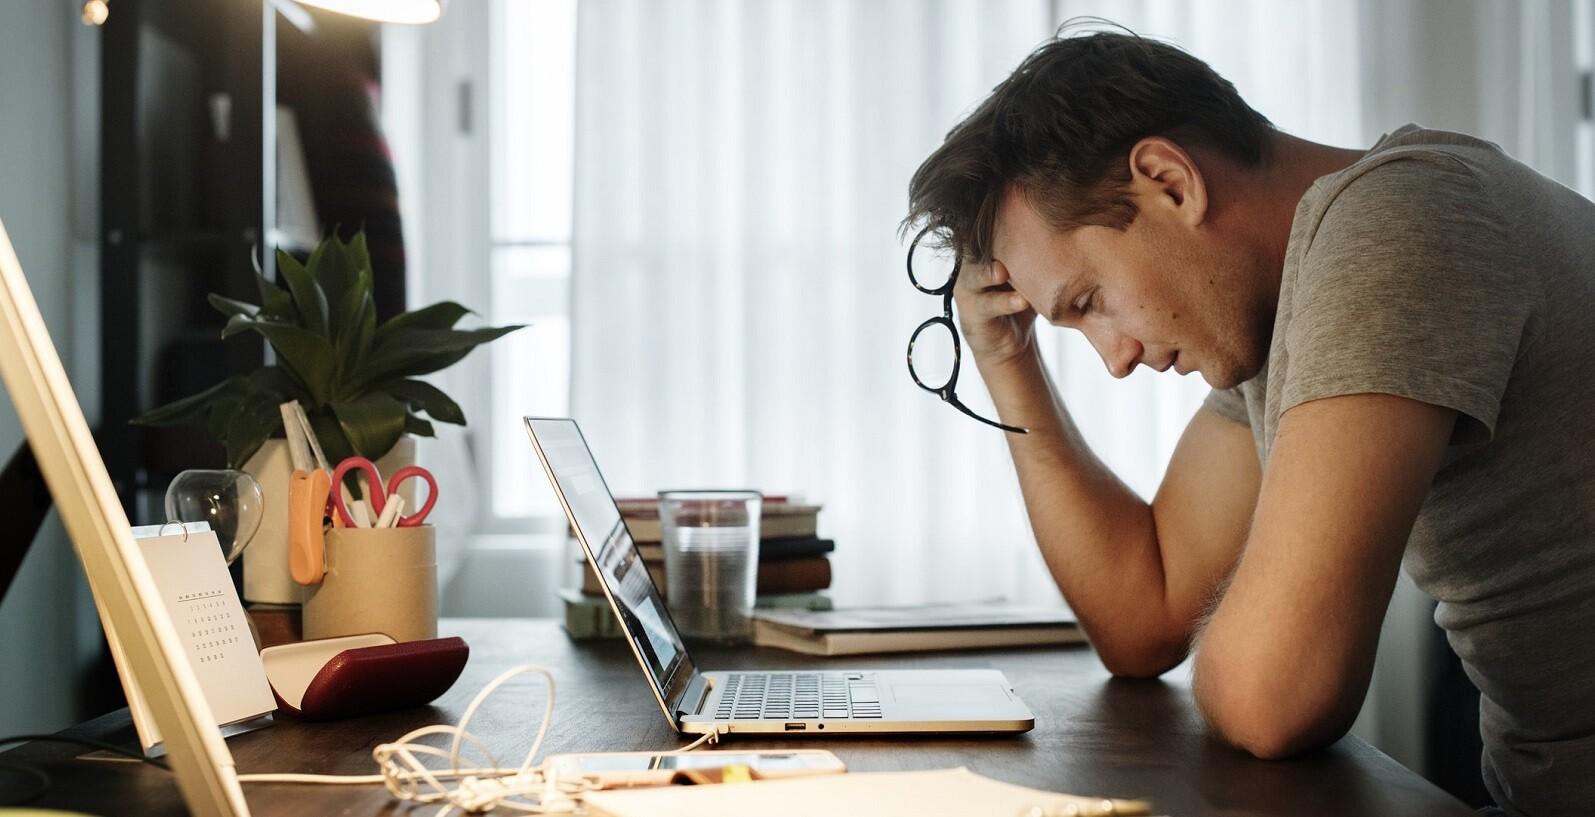 trabalho freelance - homem com a cabeça apoiada na mão, olhando pensativo para o computador